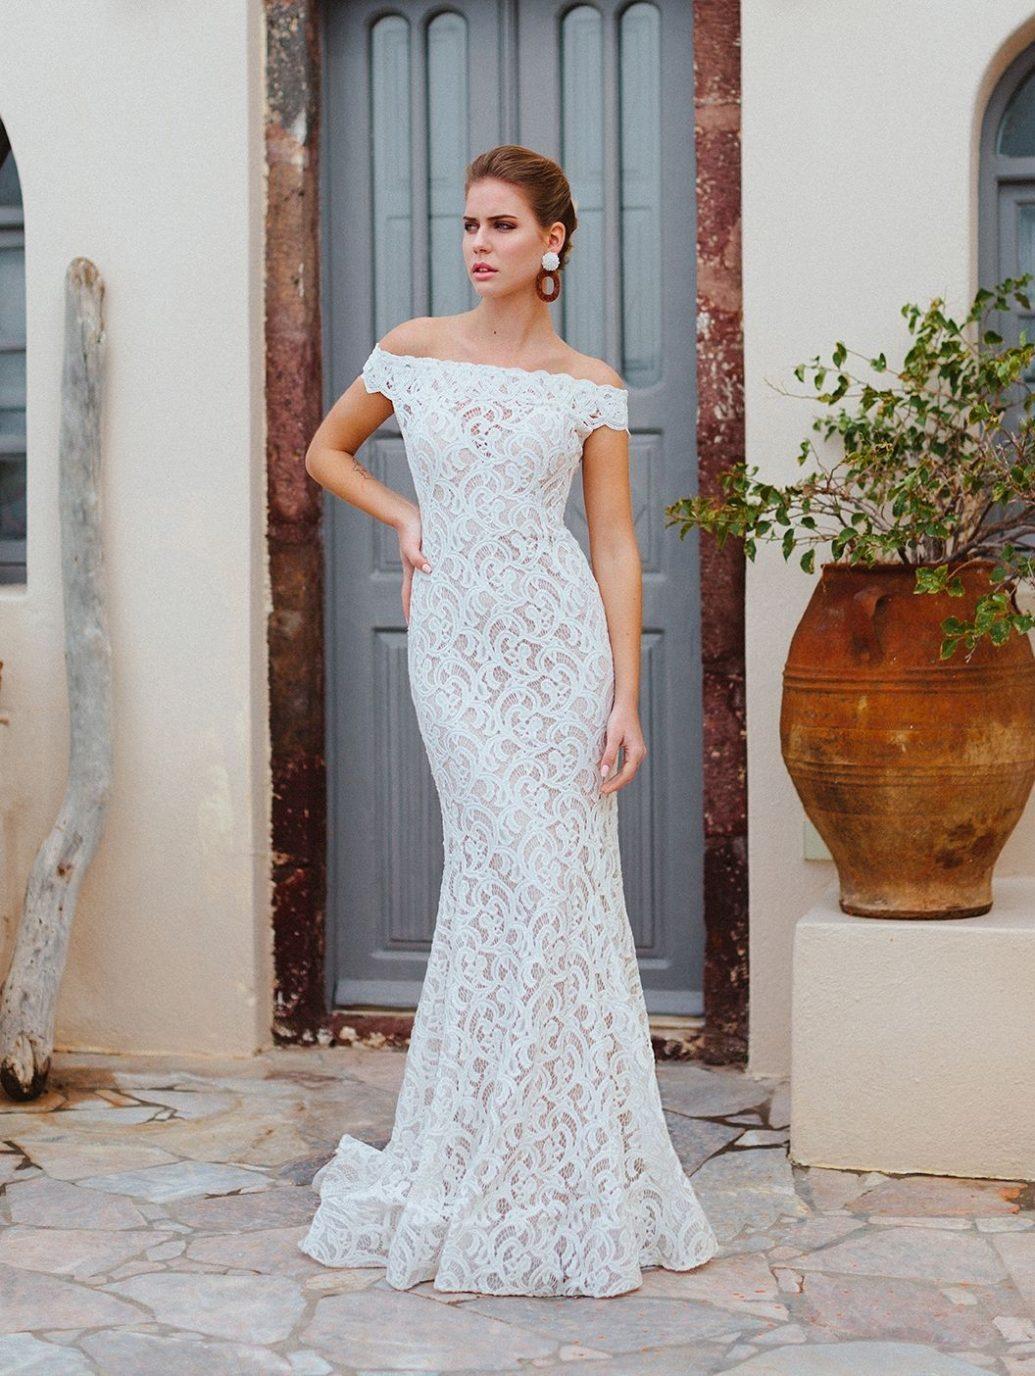 A Wilderly kollekciós ruha tökéletes választás vintage stílusú esküvőkre.